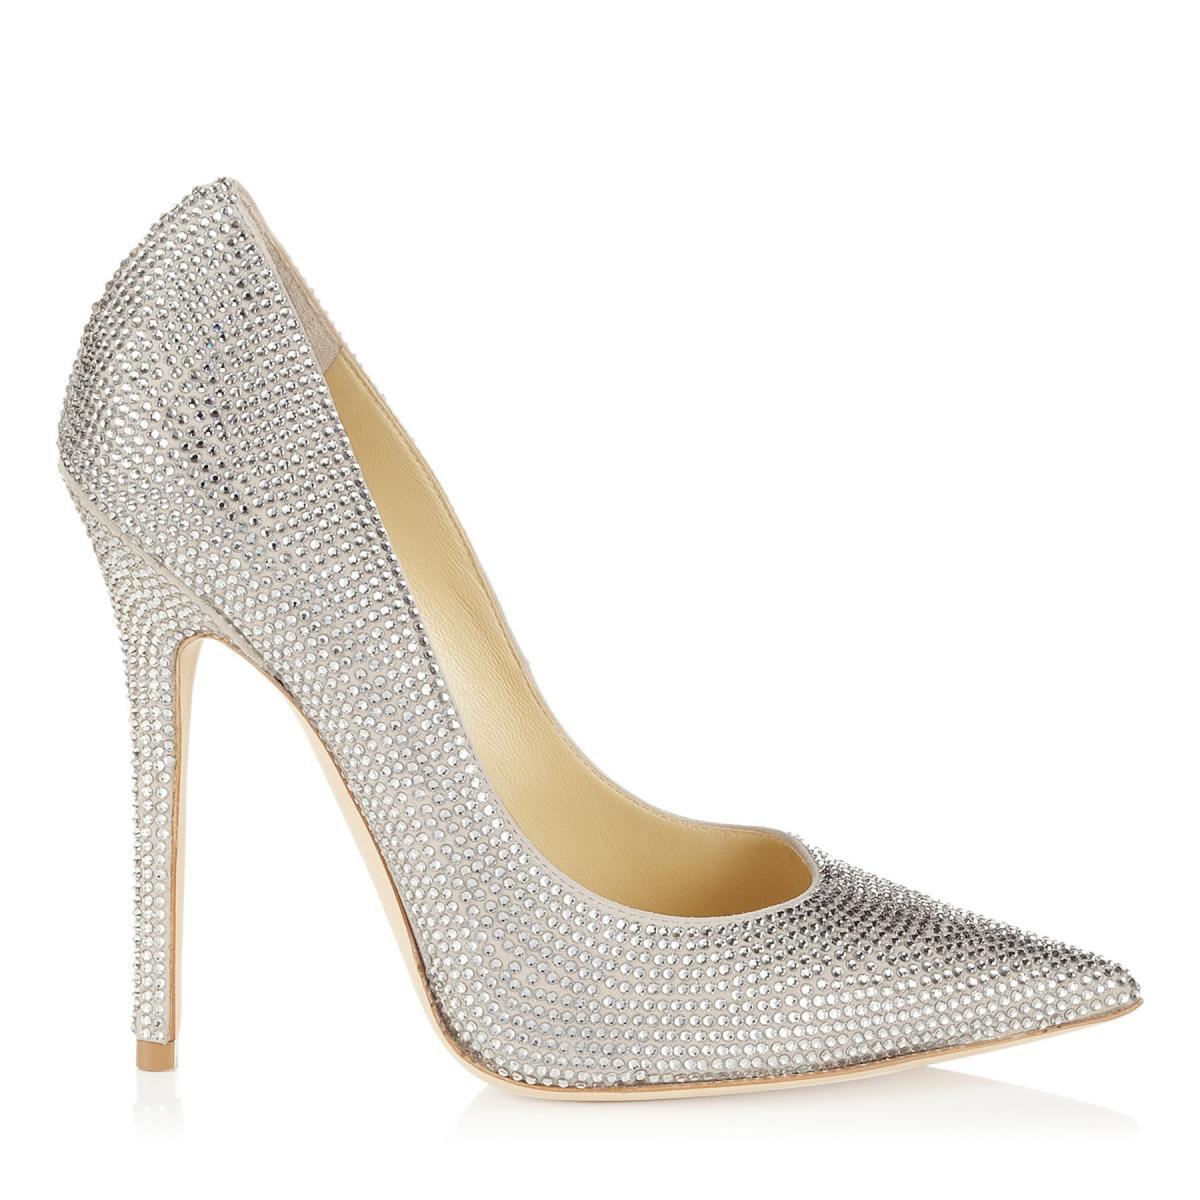 d8c0195c srebrne buty ślubne Jimmy Choo z kryształkami - Buty ślubne Jimmy ...